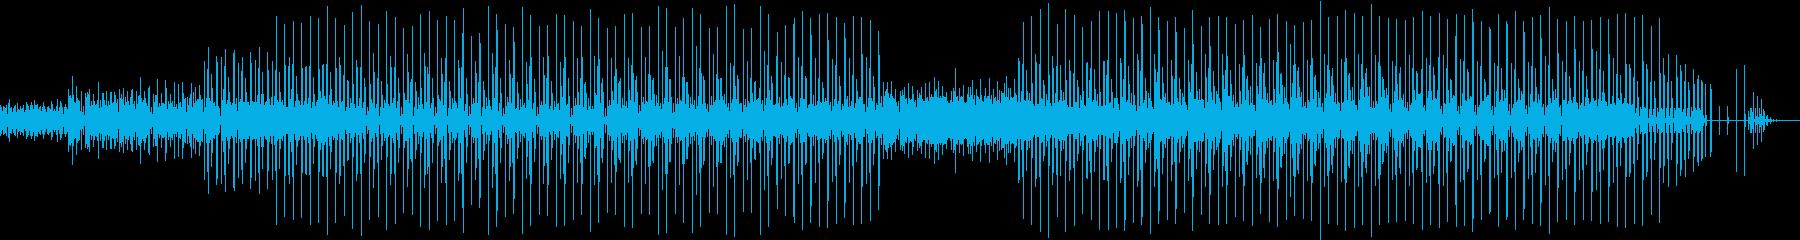 ヒップホップ-ラップ-ファンク。の再生済みの波形